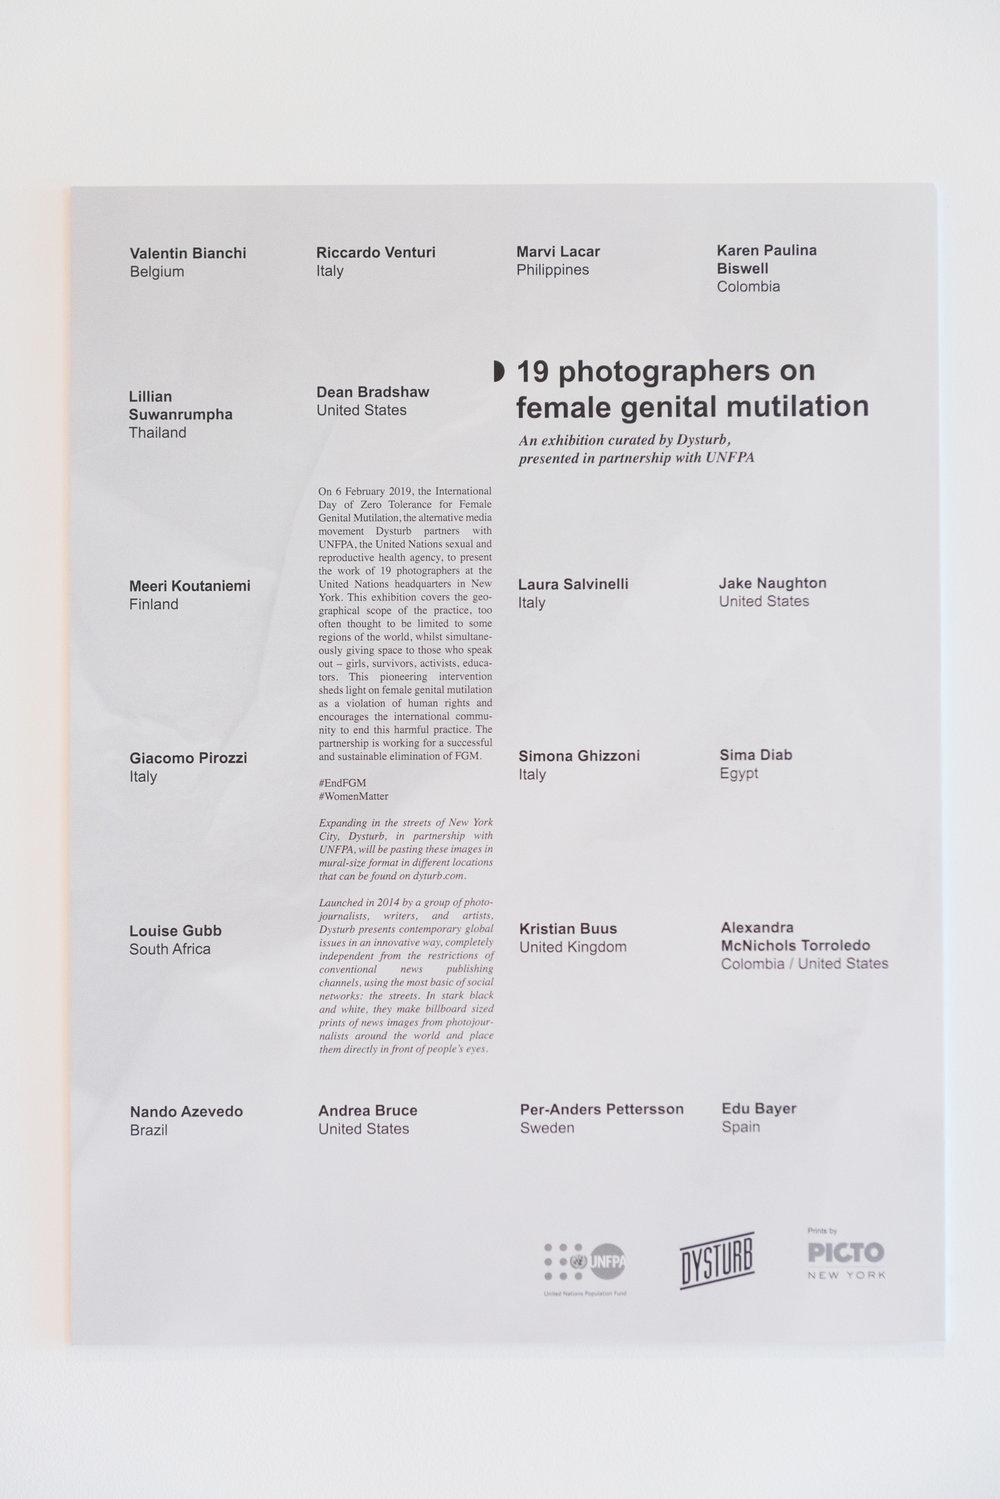 01_20190205-EndFGM Dysturb UNFPA-2695.jpg